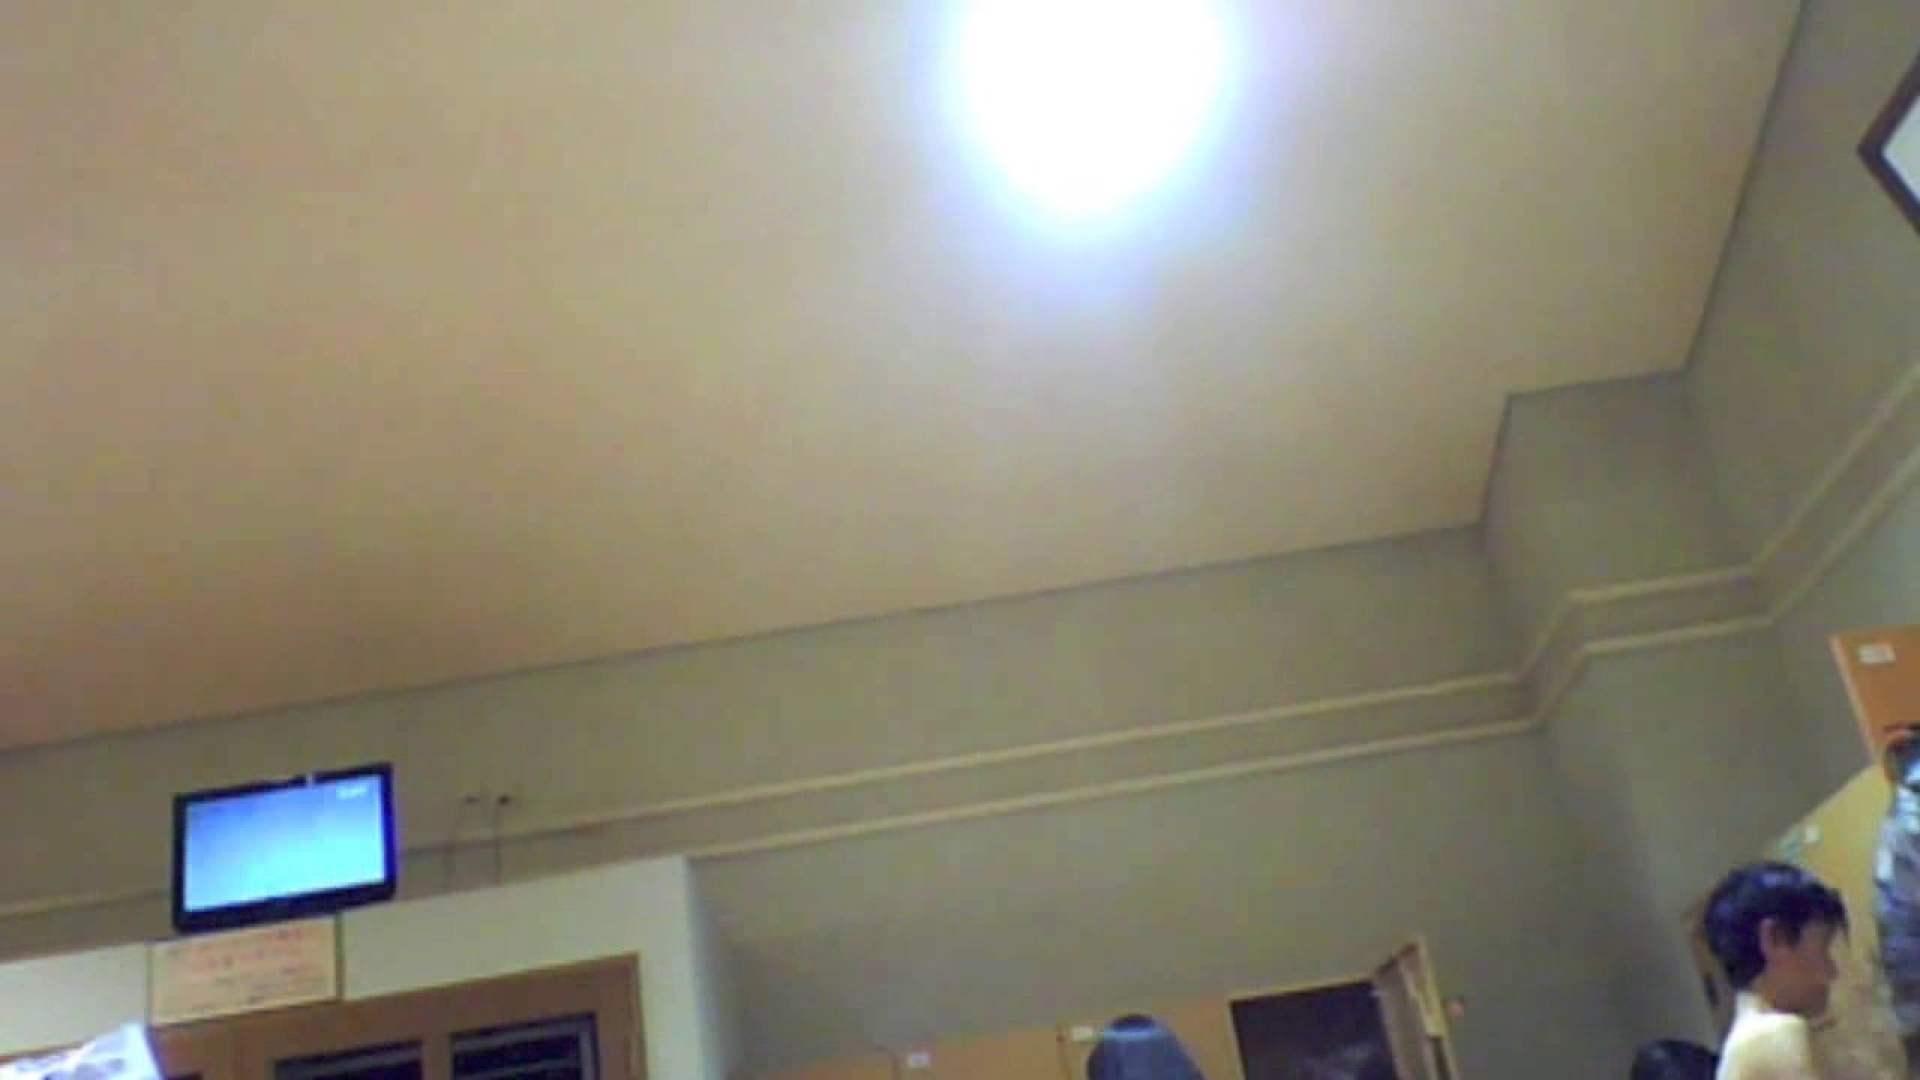 現役ギャル盗撮師 hana様の女風呂潜入撮!Vol.7 ギャルヌード オマンコ無修正動画無料 62画像 52